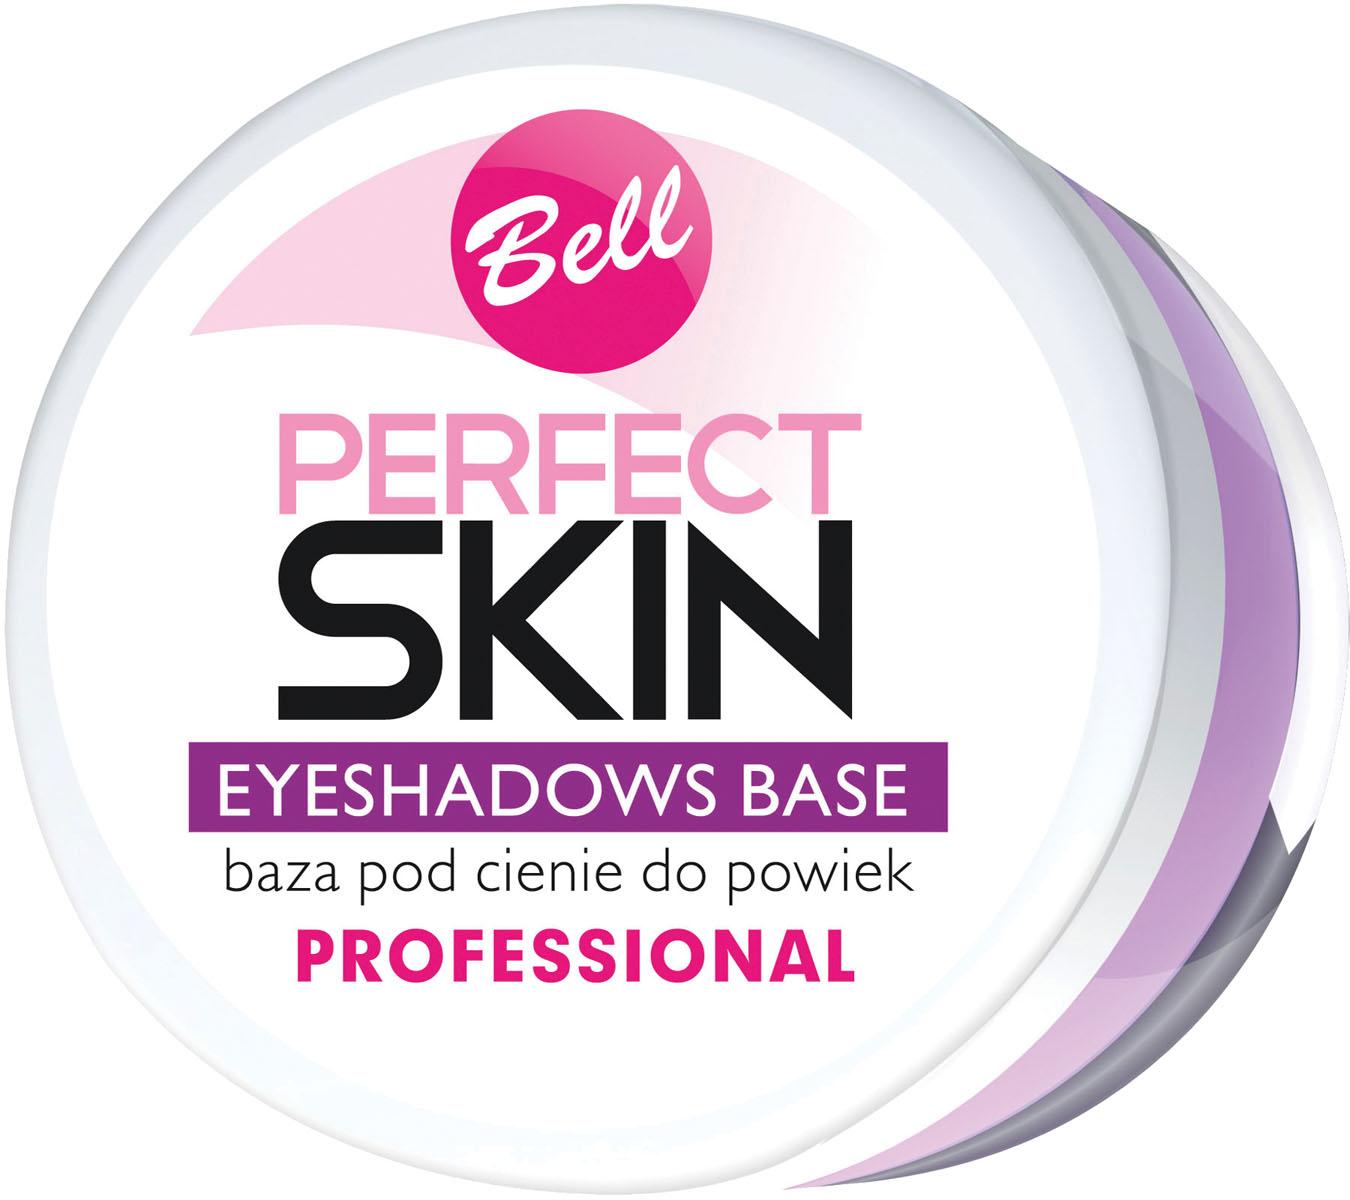 Bell База под тени для век Perfect Skin Eyeshadow Base Тон 20, 4 гр28032022Основа наносится на веки перед нанесением теней, делает цвет более насыщенным и продлевает стойкость макияжа. Предотвращает осыпание теней и их скопление в складках век. Содержит UVB фильтр.Для обеспечения стойкого макияжа глаз.Особенности состава: Продлевает стойкость макияжаСпособ применения: Нанесите небольшое количество основы, нежно распределите по всему веку, начиная от линии ресниц. Дождаться высыхания основы, а затем сделать макияж.